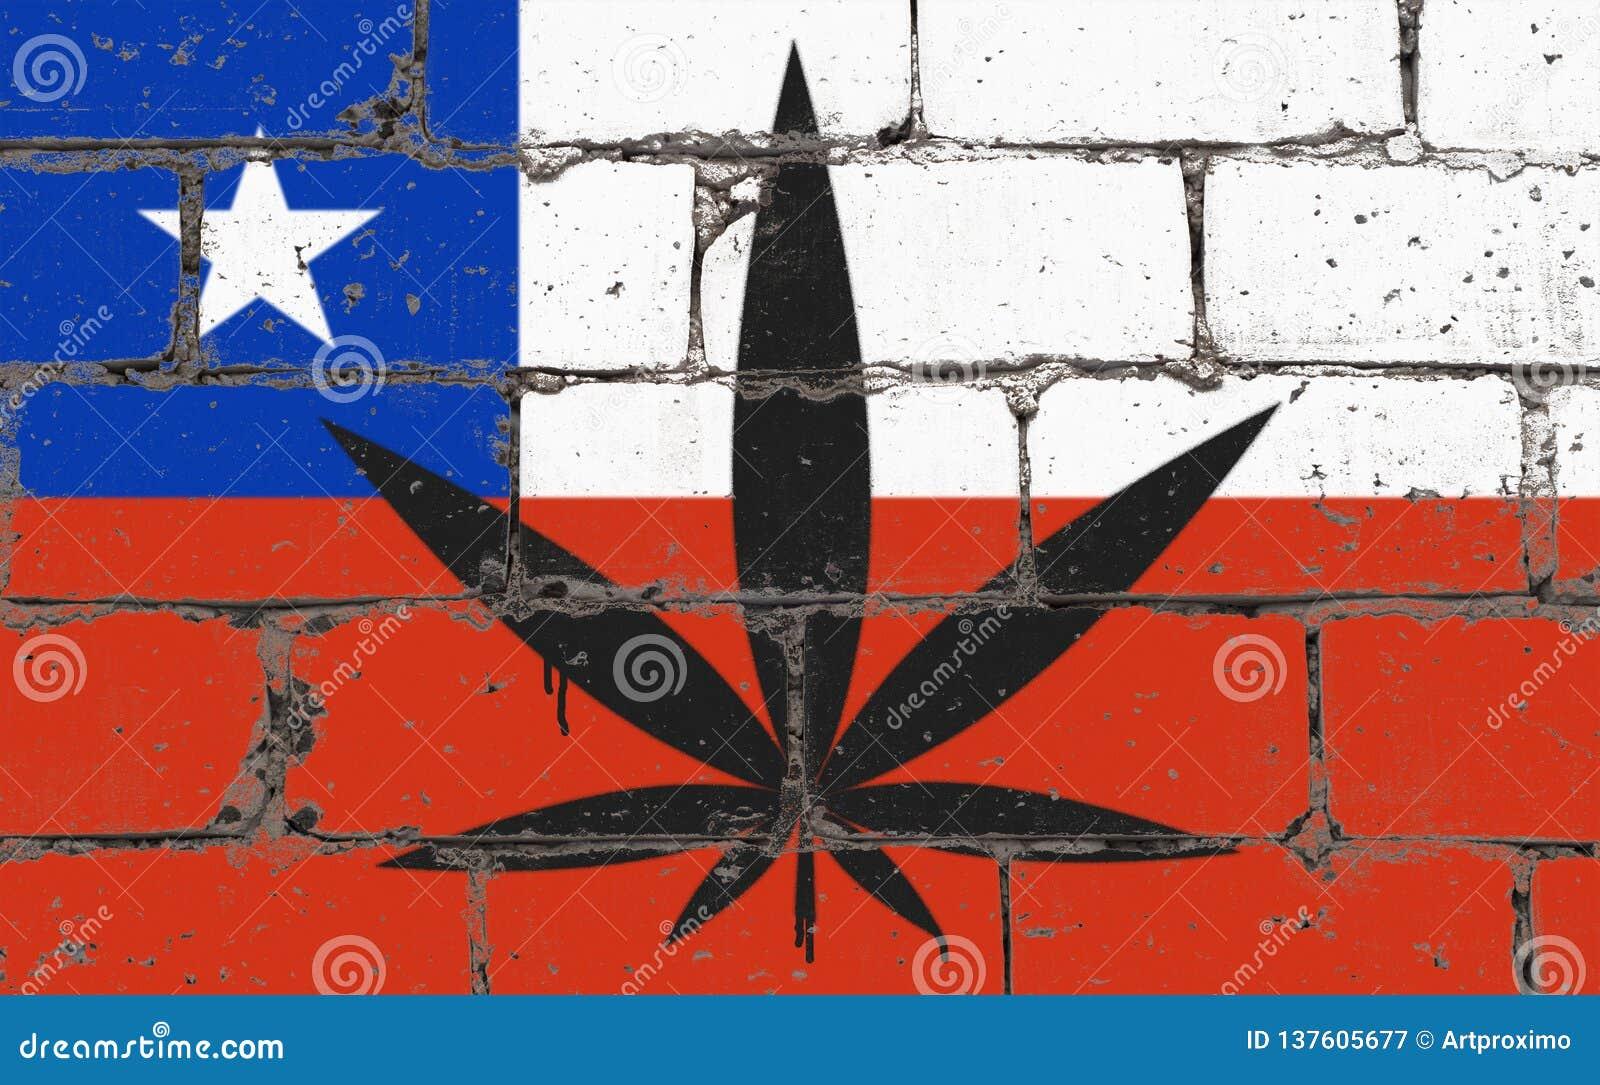 Ψεκασμός τέχνης οδών γκράφιτι που επισύρει την προσοχή στο διάτρητο Φύλλο καννάβεων στο τουβλότοιχο με τη σημαία Χιλή